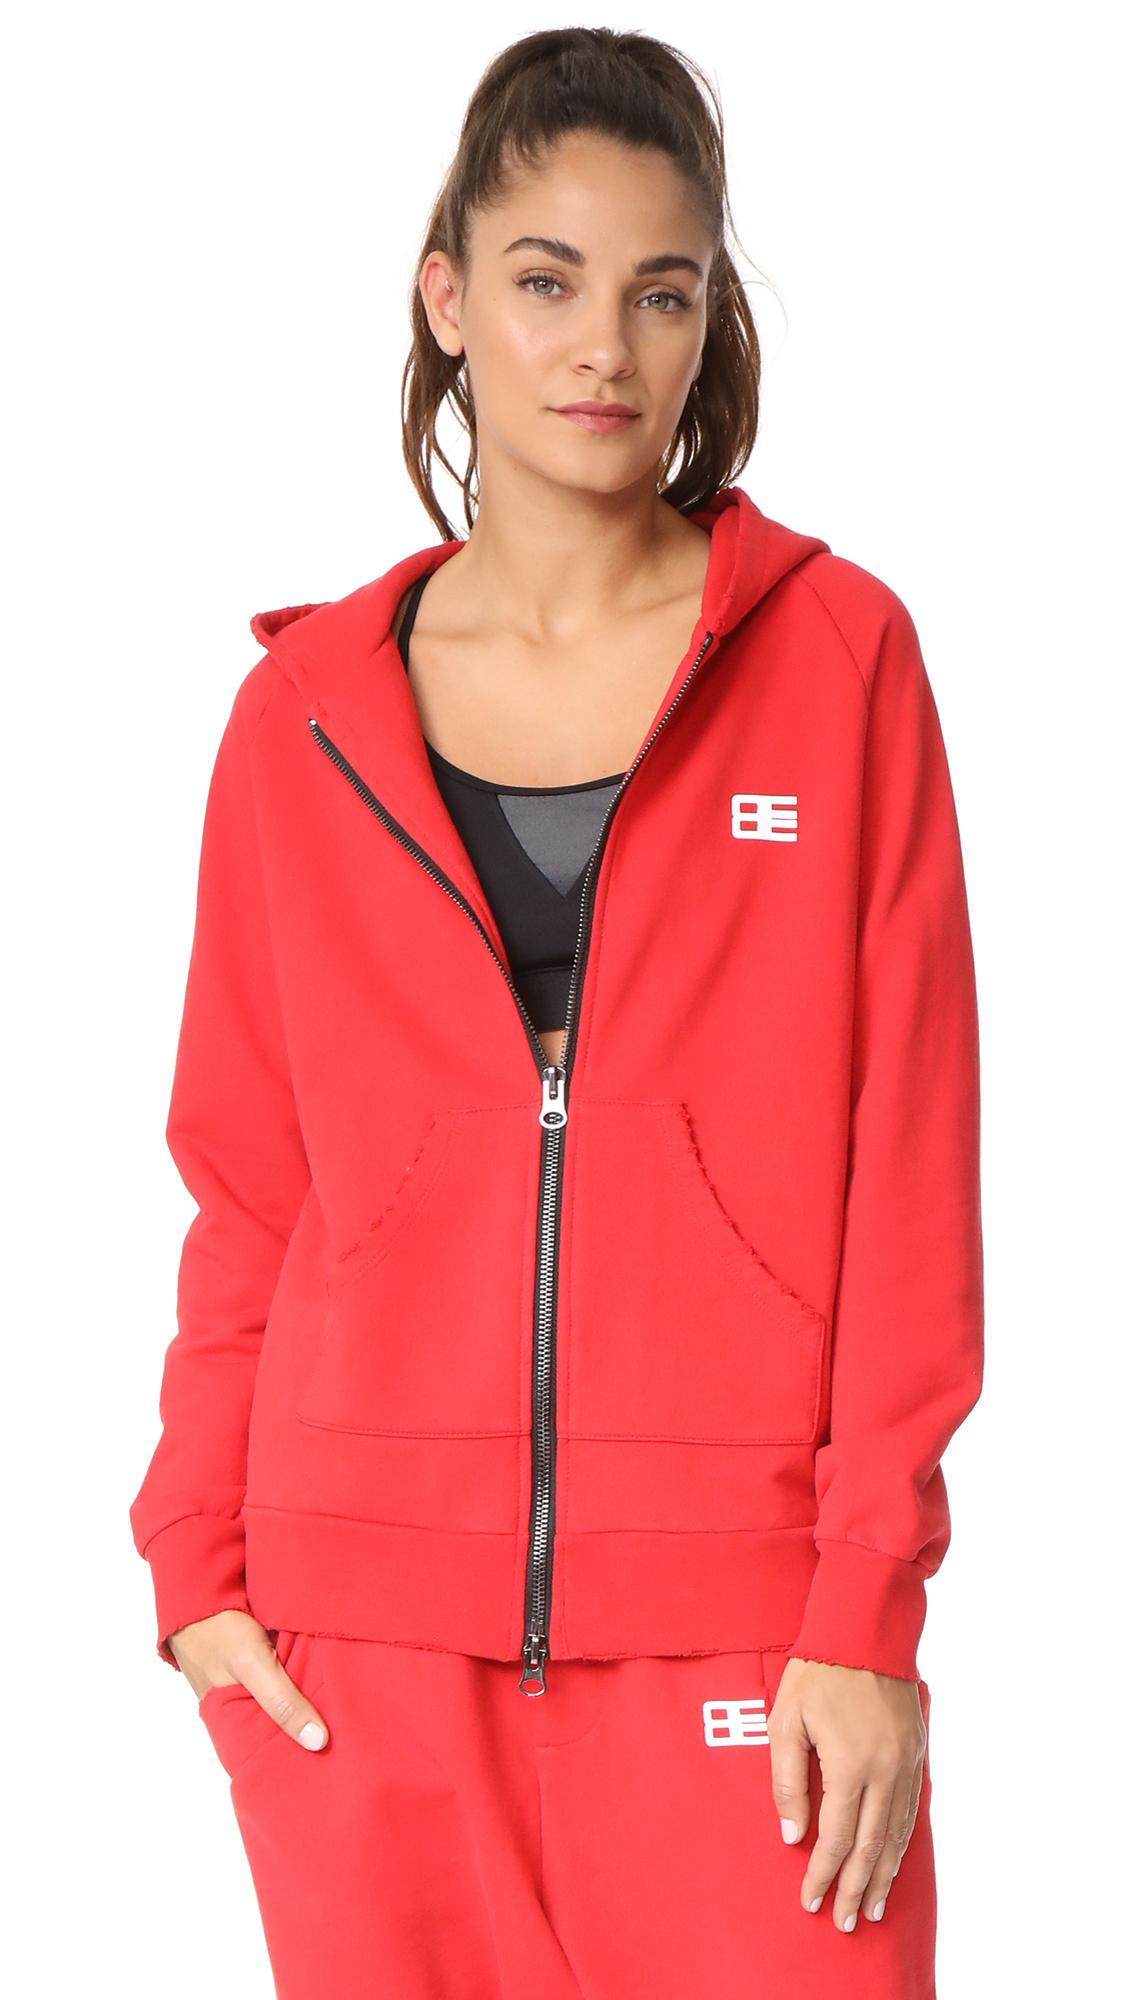 Baja East Bye Felicia Zip Up Hoodie - Red